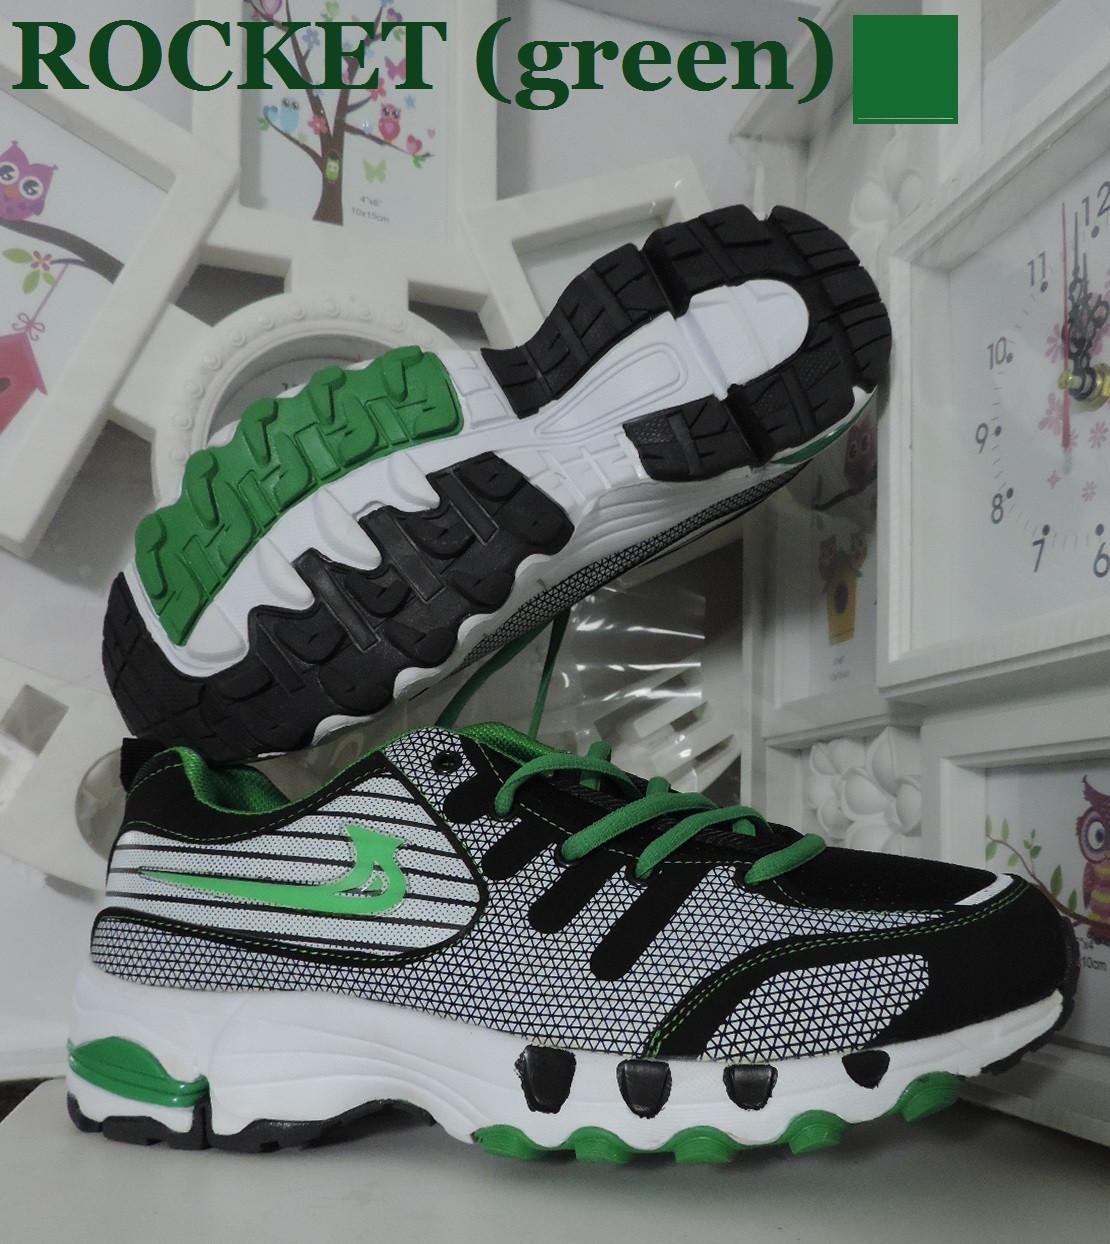 390be644 Кроссовки беговые Adidas Rocket, Nike ASICS.: продажа, цена в Одессе ...